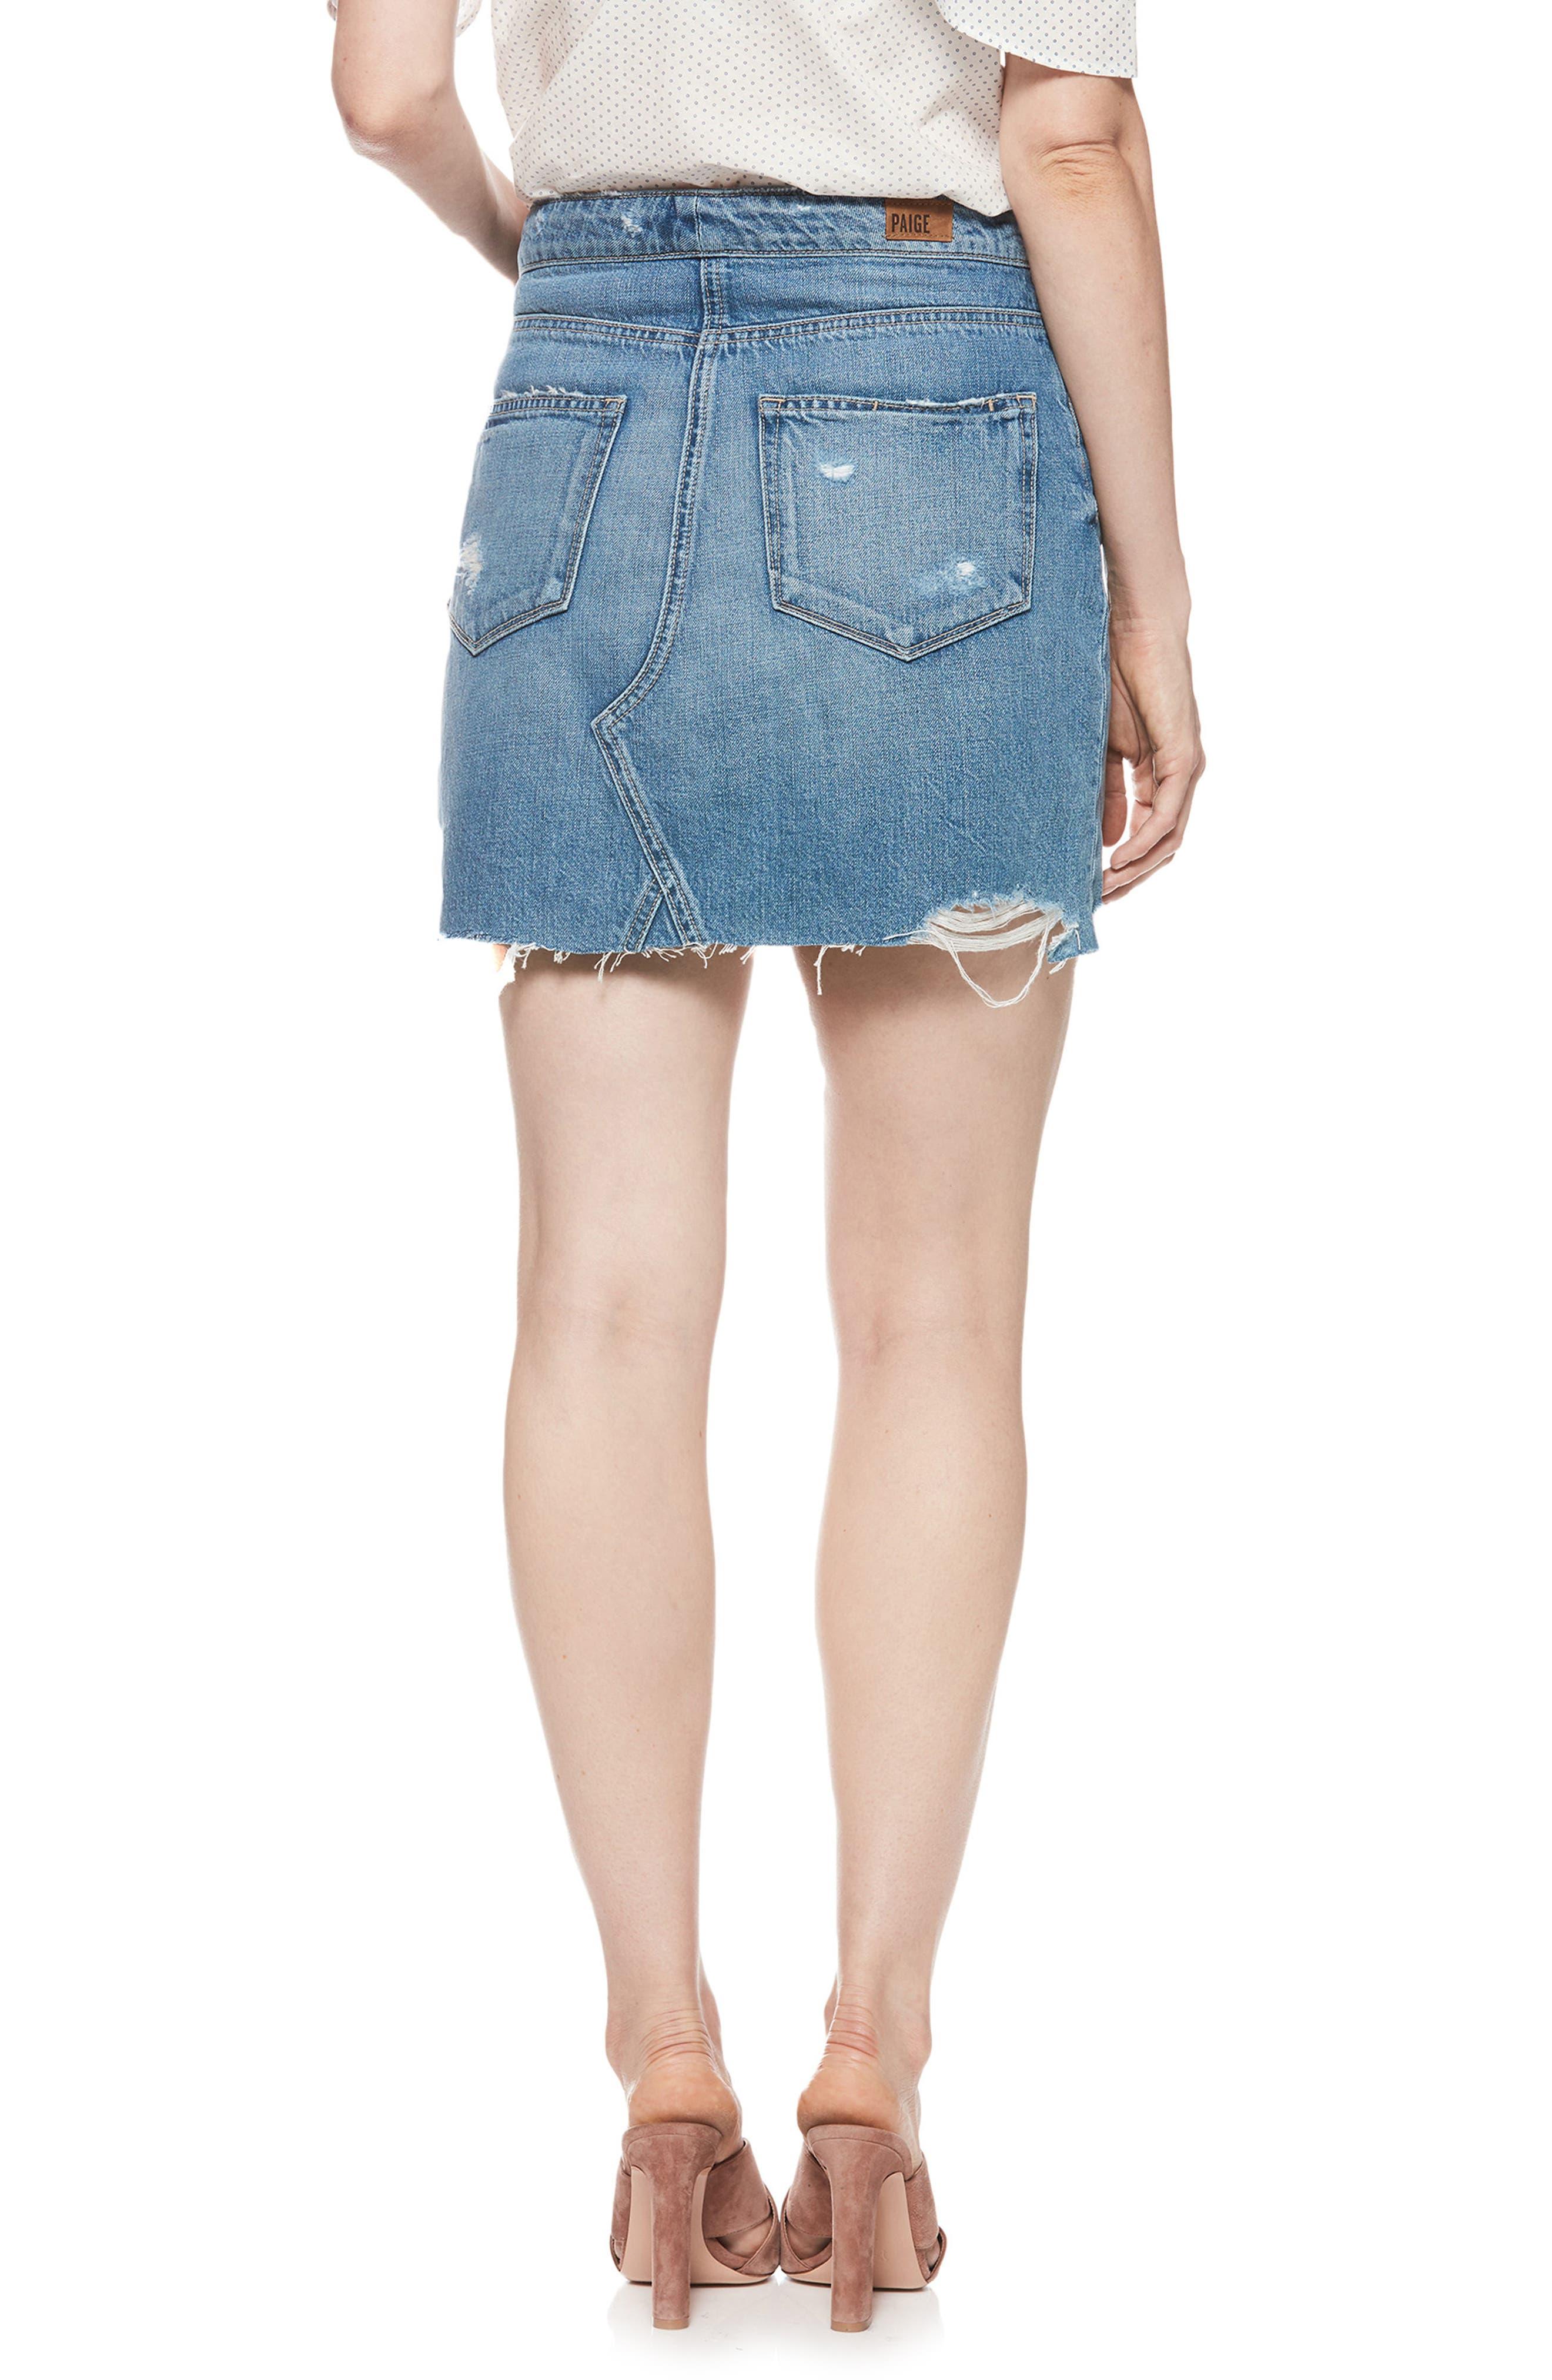 Alethea High Waist Denim Skirt,                             Alternate thumbnail 2, color,                             Arissa Destructed